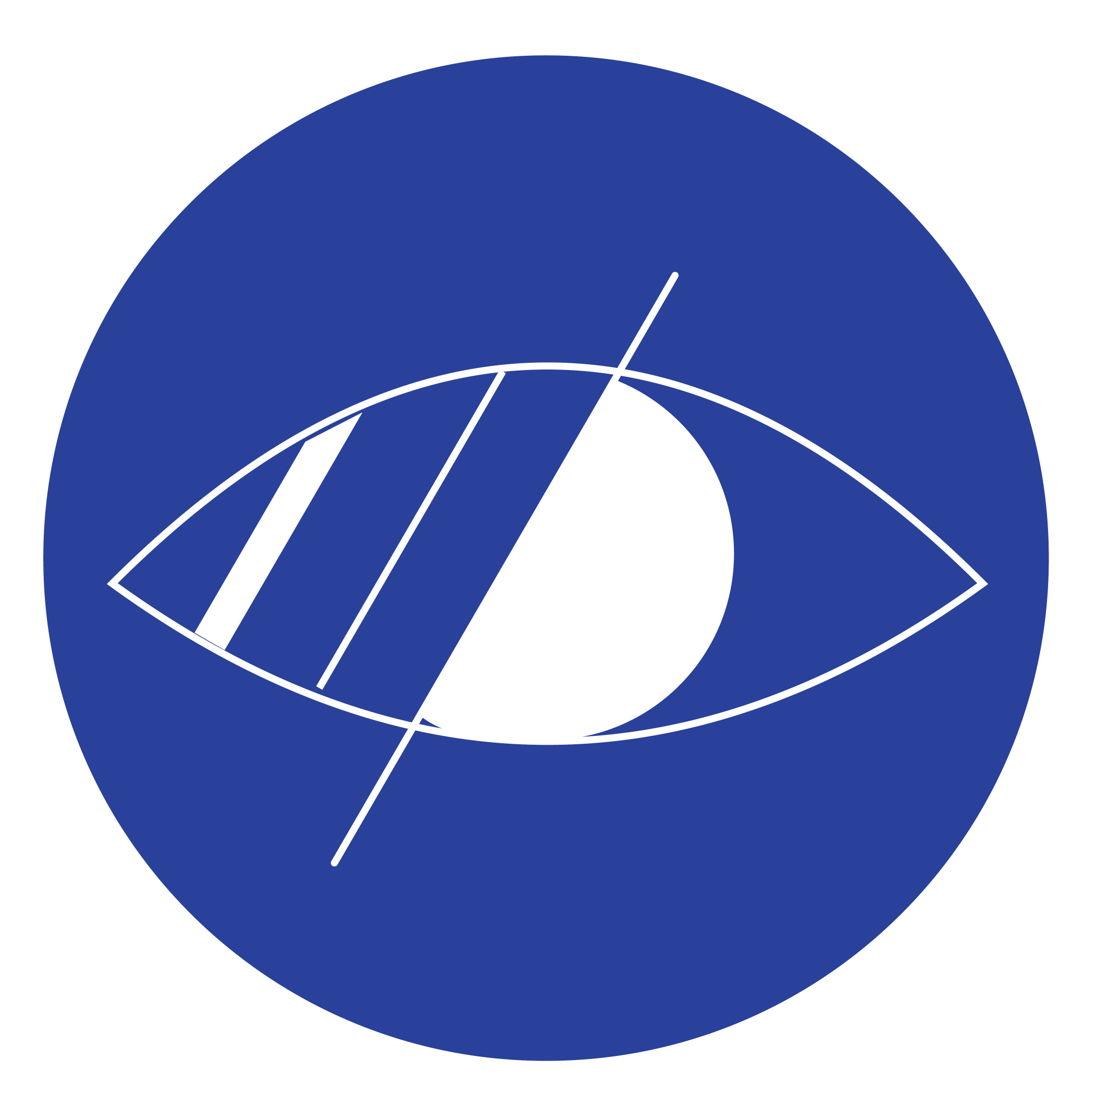 Icoon: deze halte is toegankelijk voor mensen met een visuele beperking. De halte is uitgerust met een opstelvlak in rubbertegels en aansluitend een geleidelijn in ribbeltegels tot aan de natuurlijke geleiding.